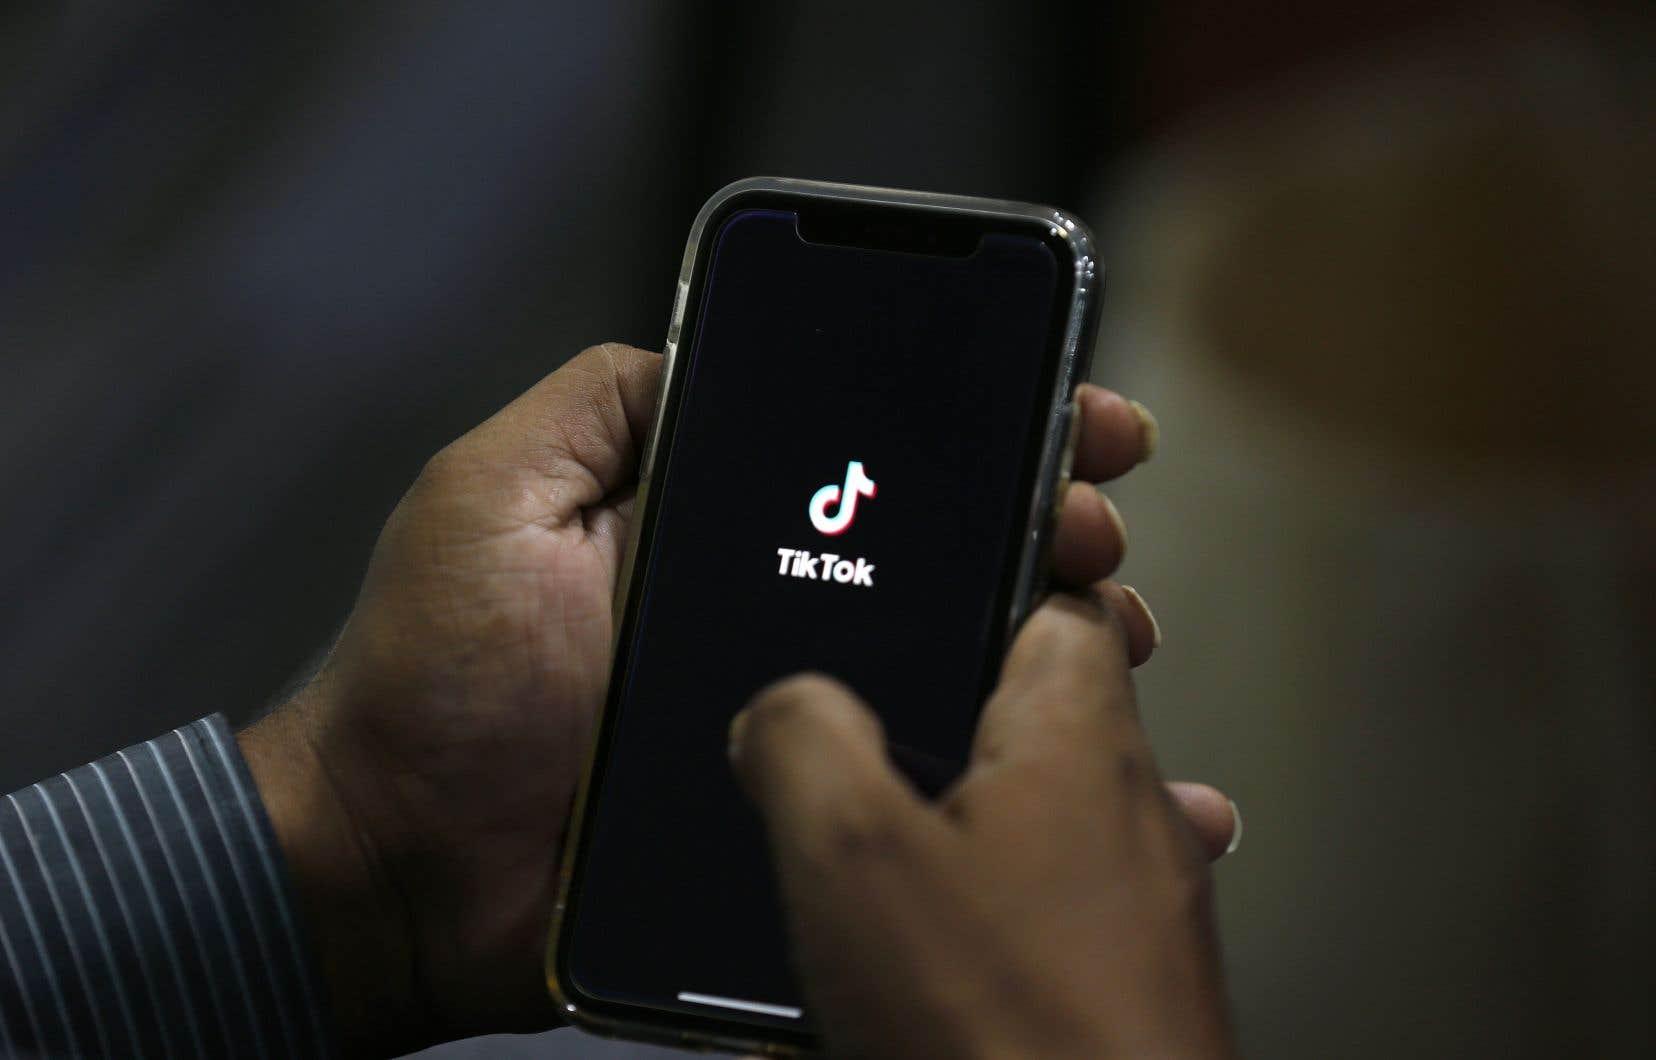 Washington accuse depuis des mois l'interface de pouvoir être utilisée par le renseignement chinois à des fins de surveillance. Ce que TikTok a toujours fermement nié.